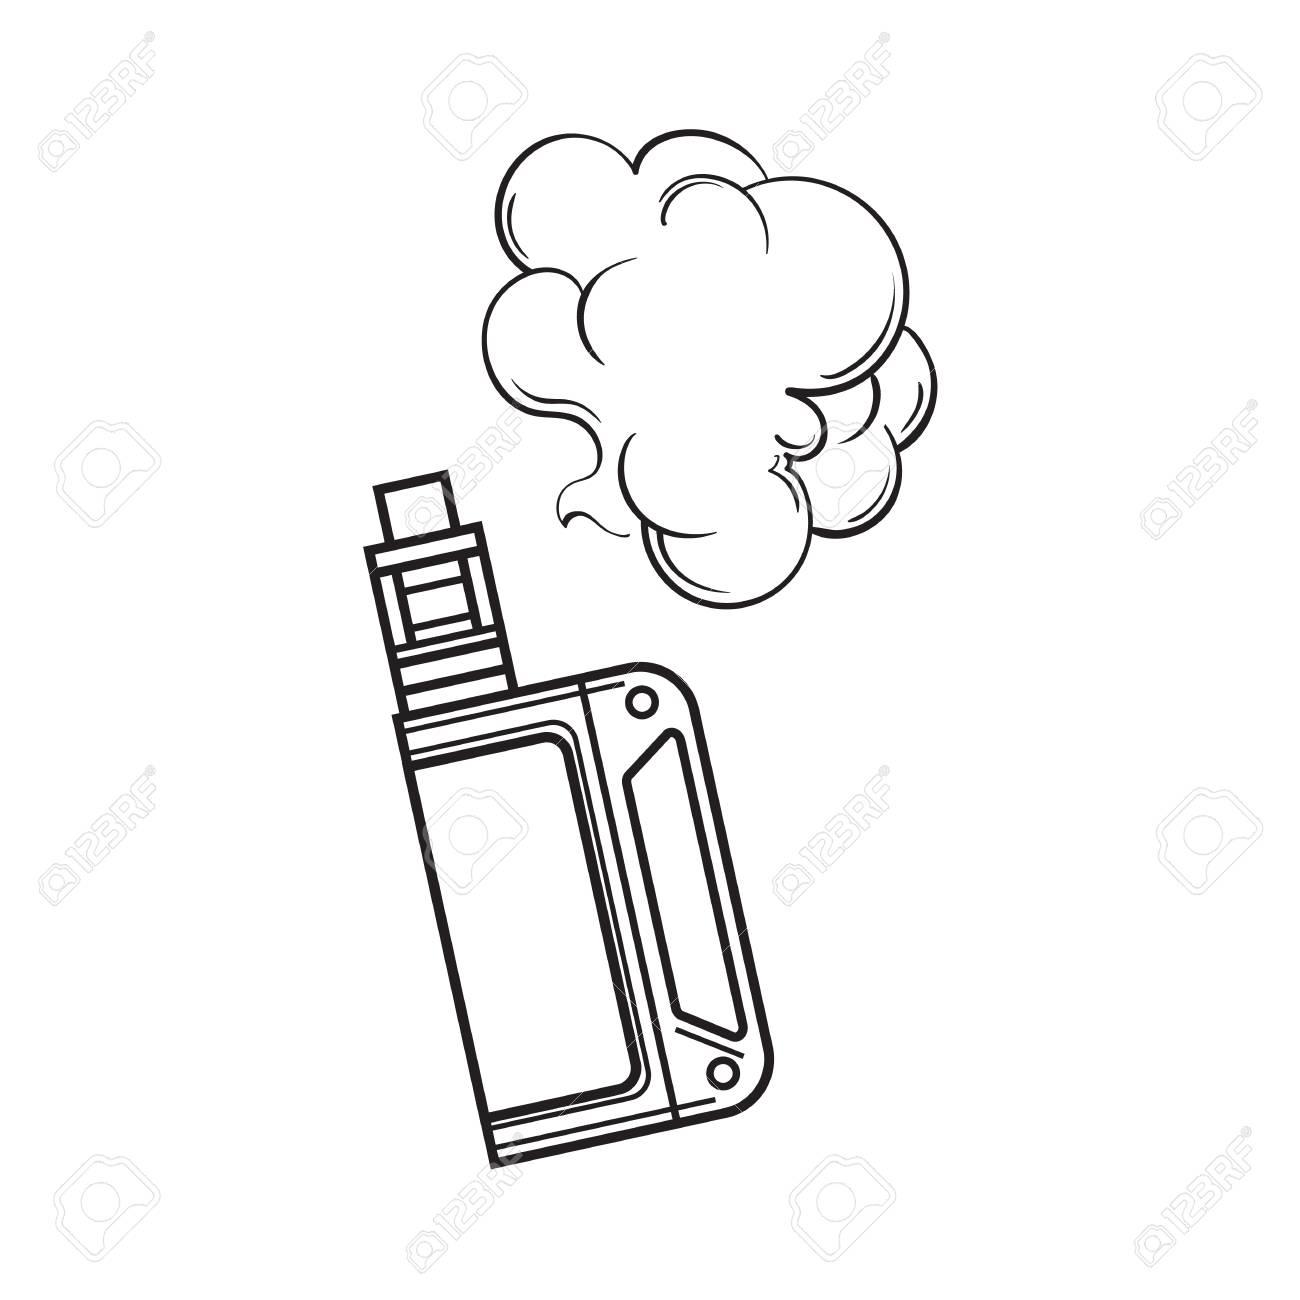 Smoke Drawing At Getdrawings